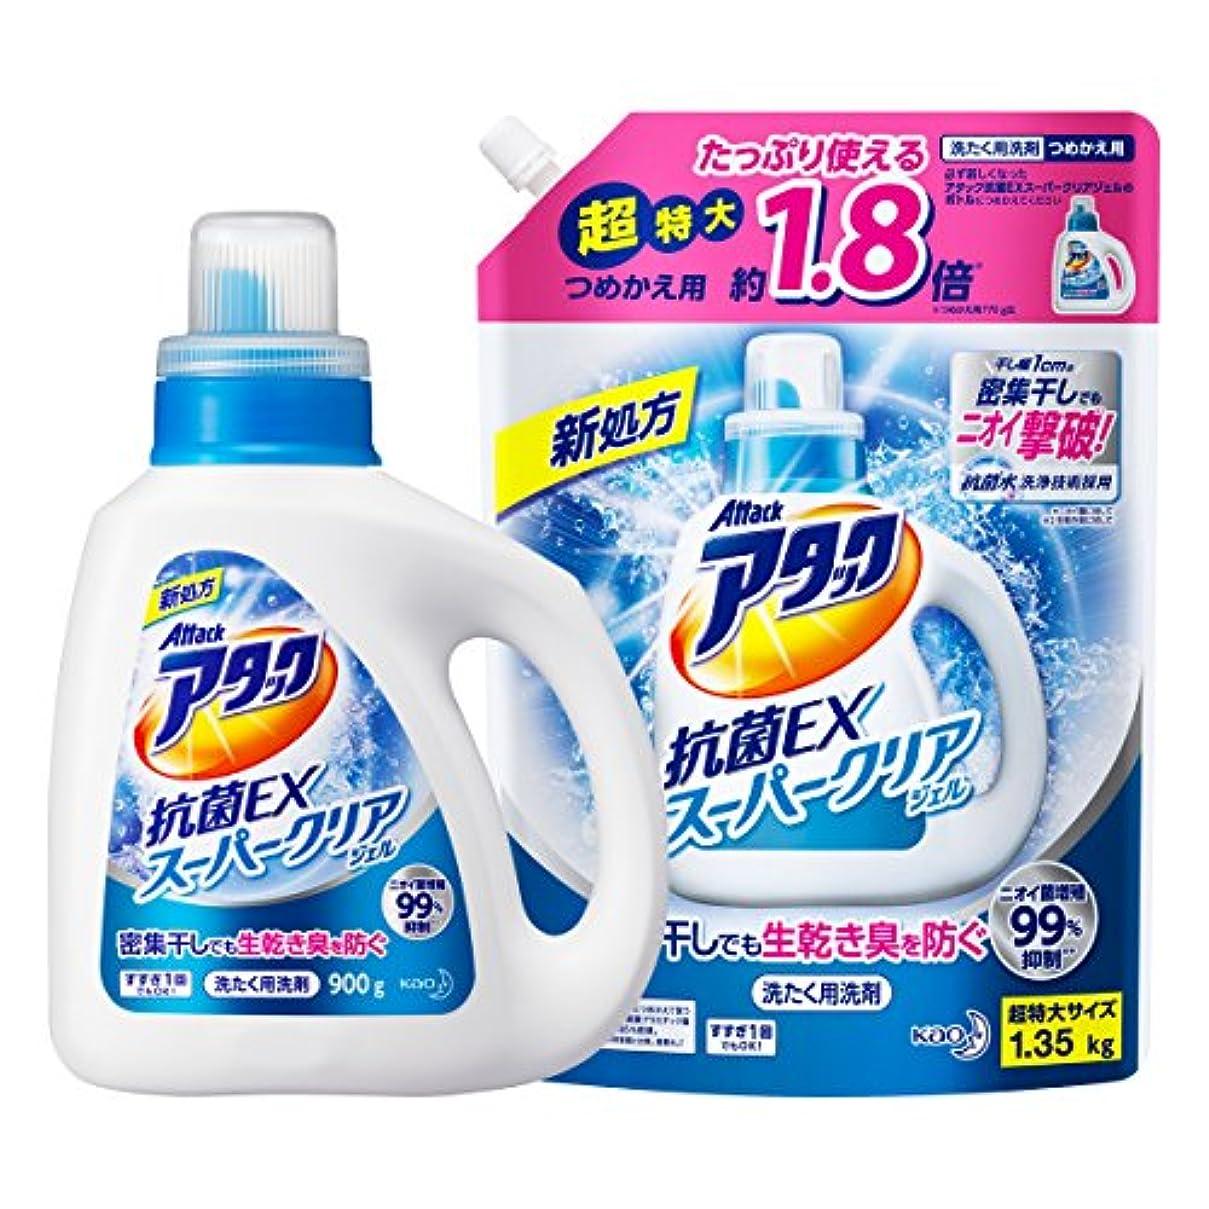 顎バタフライボトル【まとめ買い】アタック抗菌EXスーパークリアジェル 洗濯洗剤 液体 本体+詰め替え1.35㎏